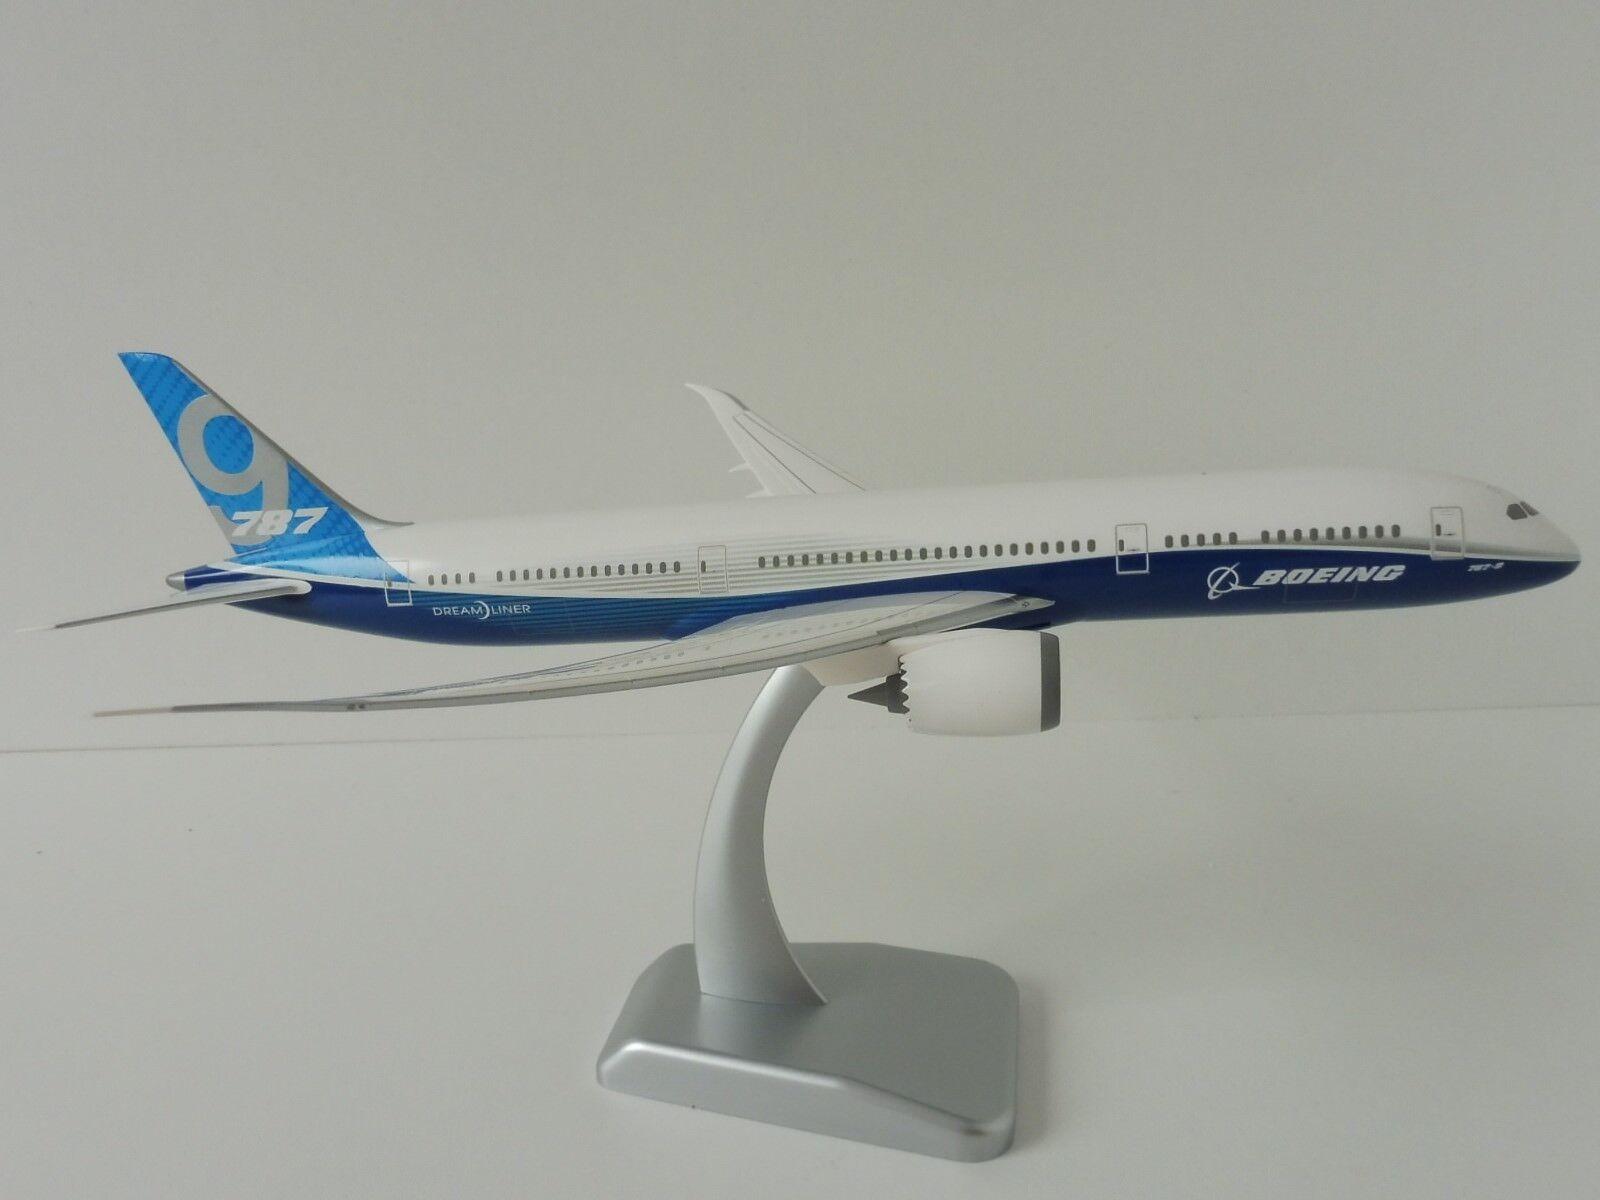 Boeing 787-9 Panneau déroulant Colours 1 200 Hogan Wings 10840 Dreamliner Livery